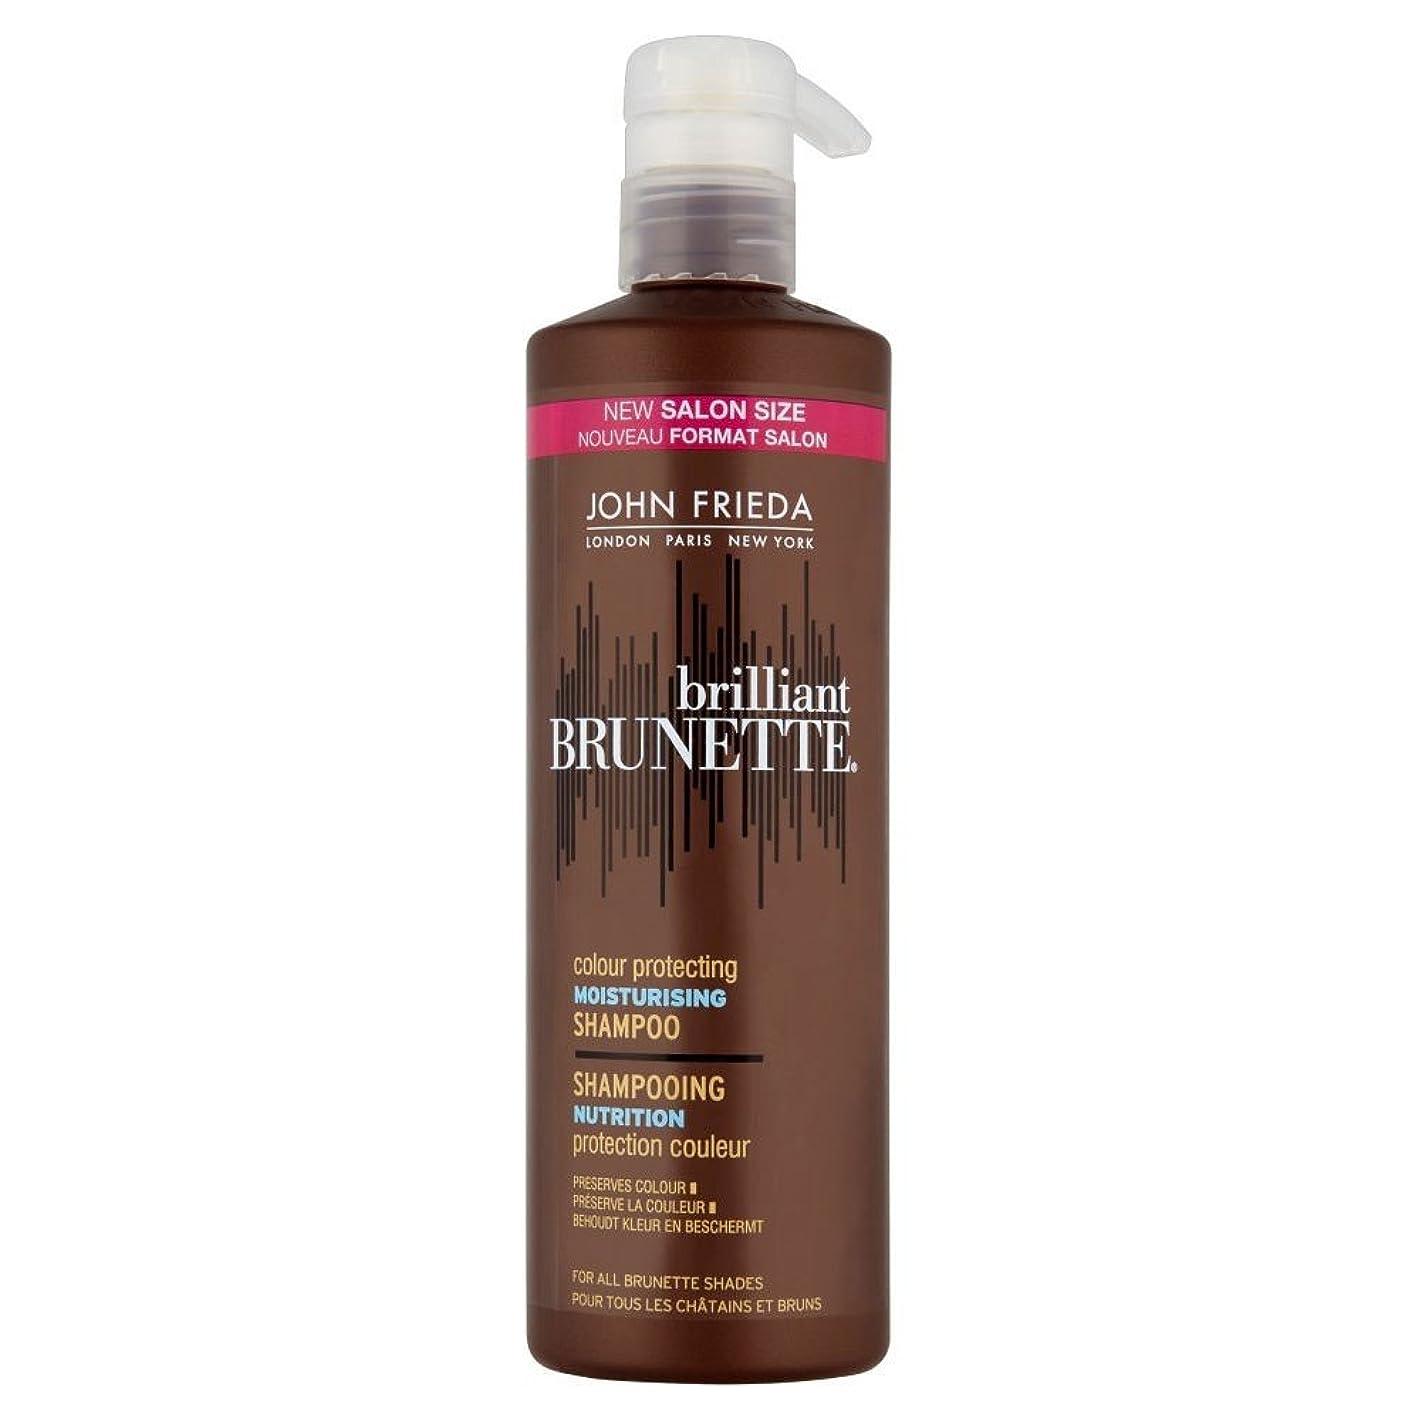 余計な無秩序洗練されたJohn Frieda Brilliant Brunette Colour Protecting Moisturising Shampoo (500ml) ジョン?フリーダ鮮やかなブルネットの色保護保湿シャンプー( 500ミリリットル) [並行輸入品]